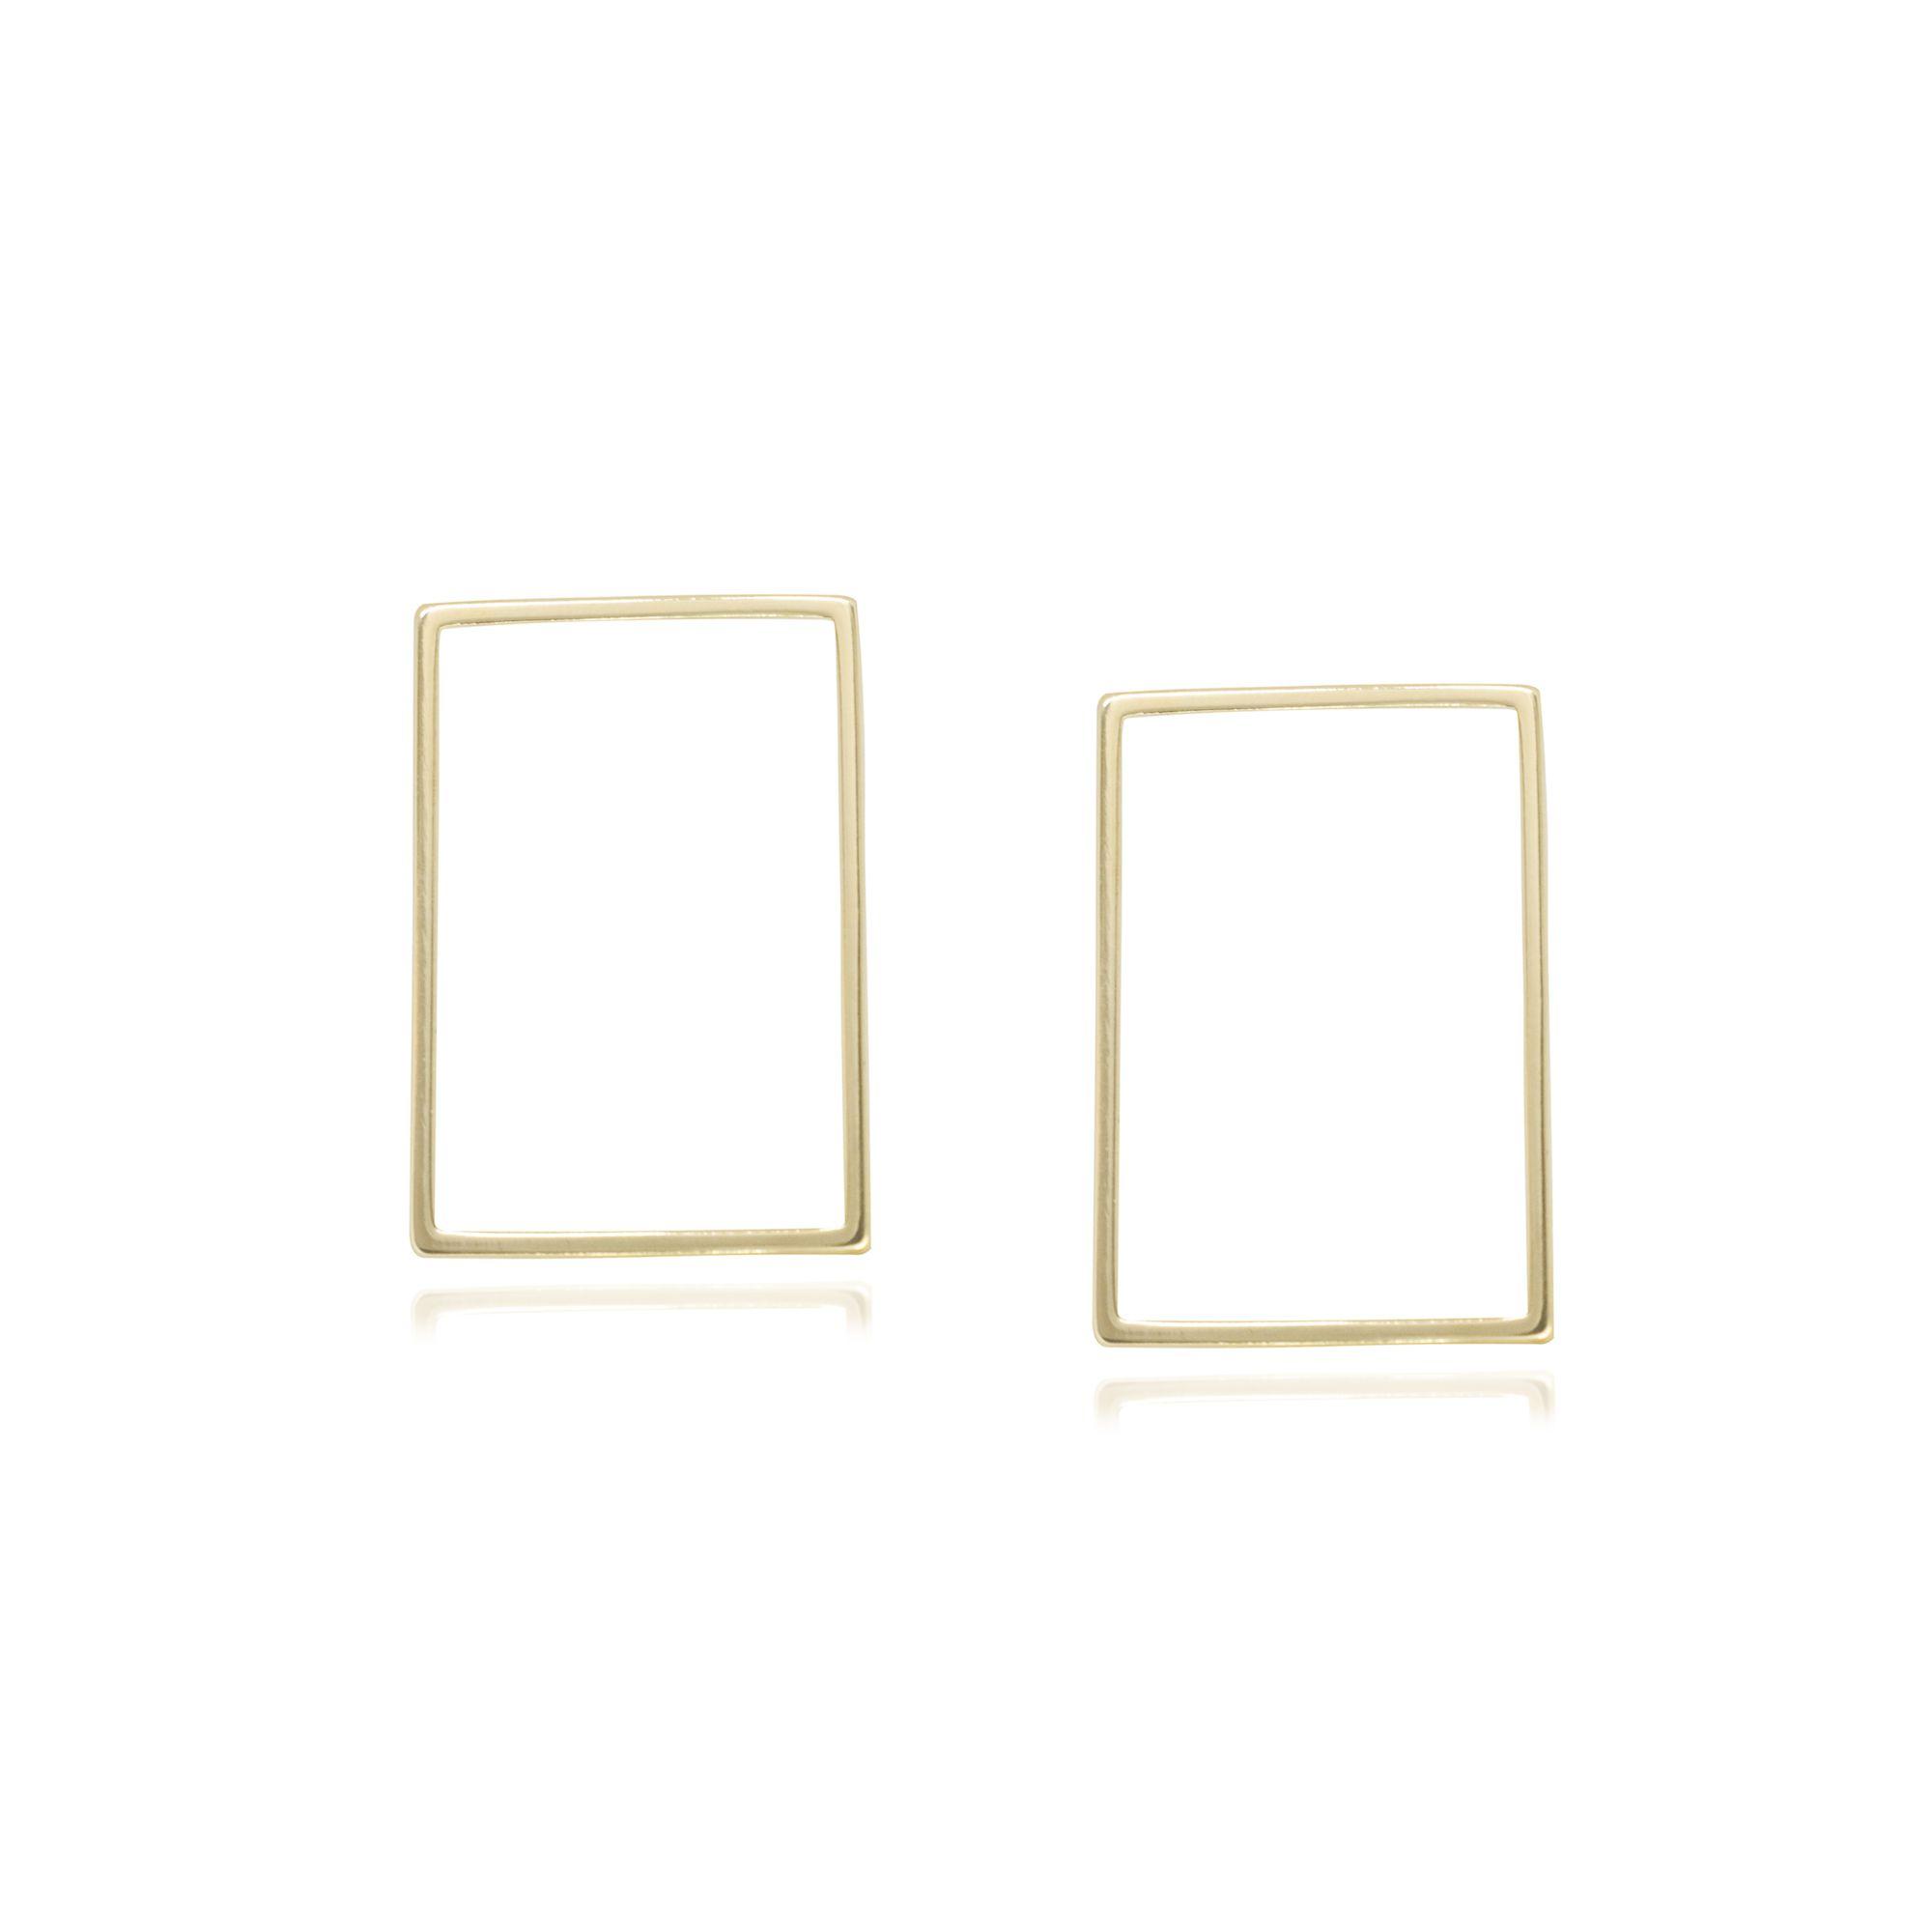 Brinco Semi joia  retângulo vazado P estilo minimalista  a ouro 18k ou rhodium